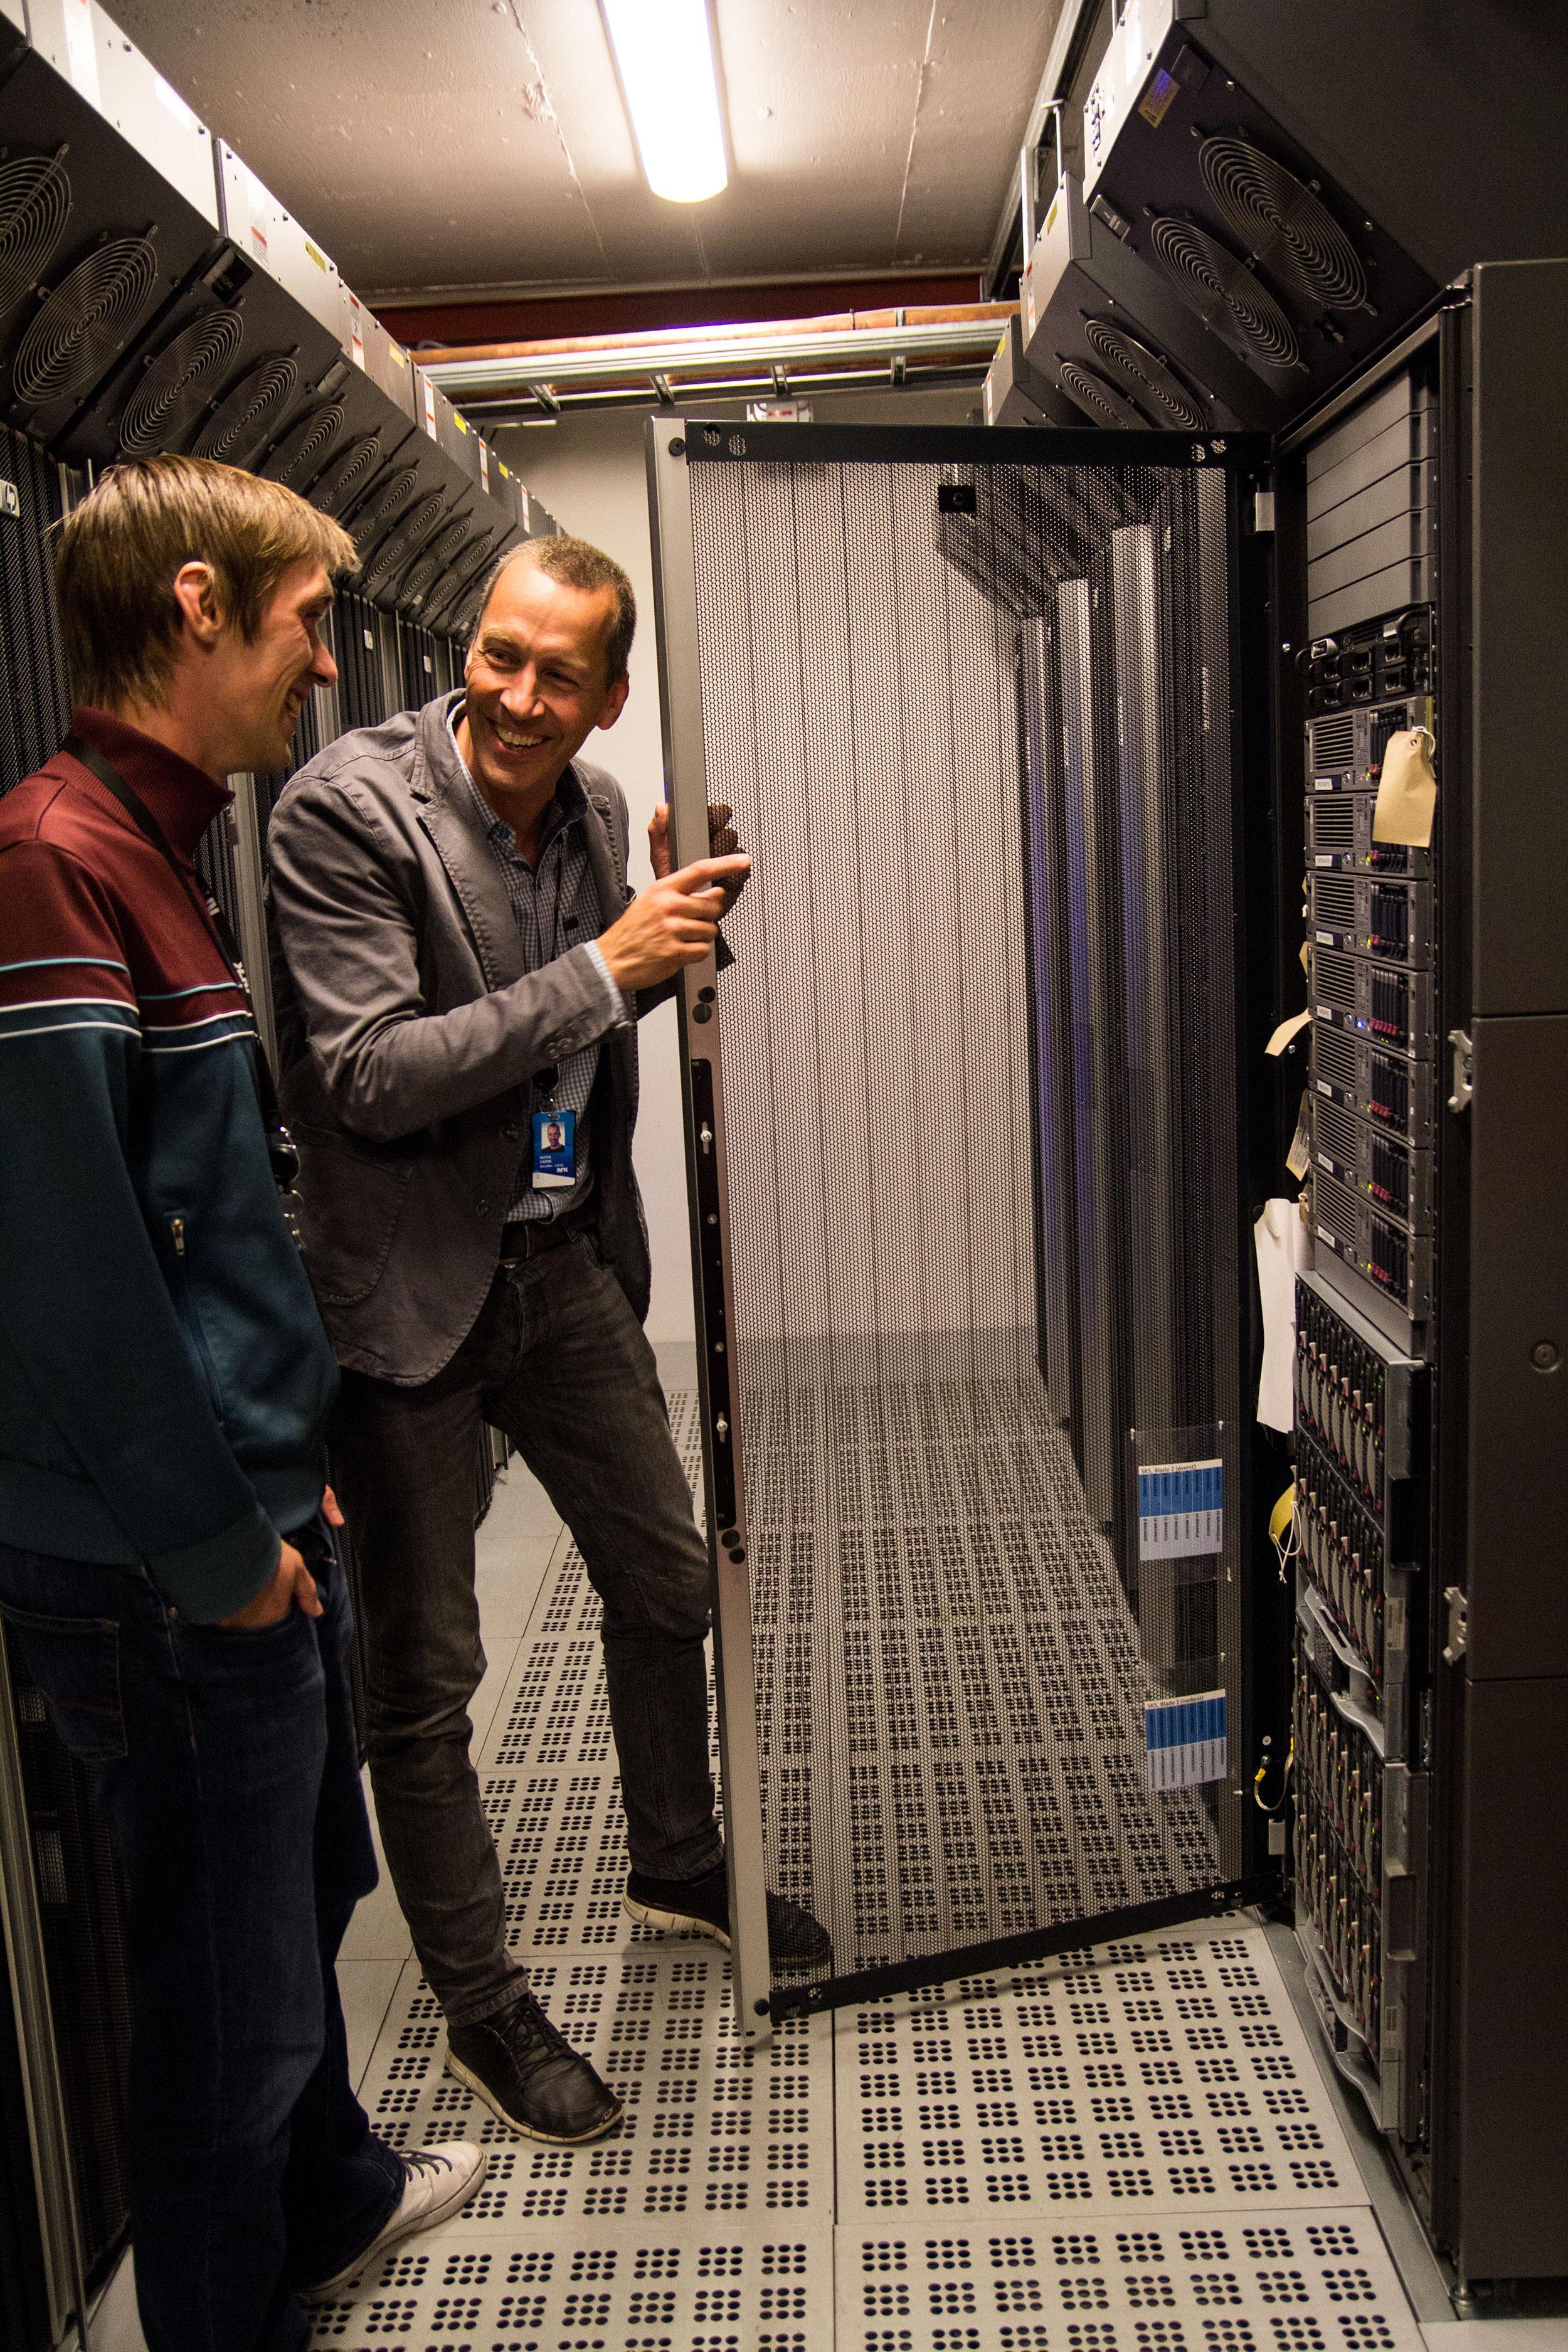 Sverre Reiten, utviklingssjef i Teknologidivisjonen til NRK, holder døren til serverskapet åpen. Ole Andreas Johnsen, prosjektleder i Teknologidivisjonen, følger med.